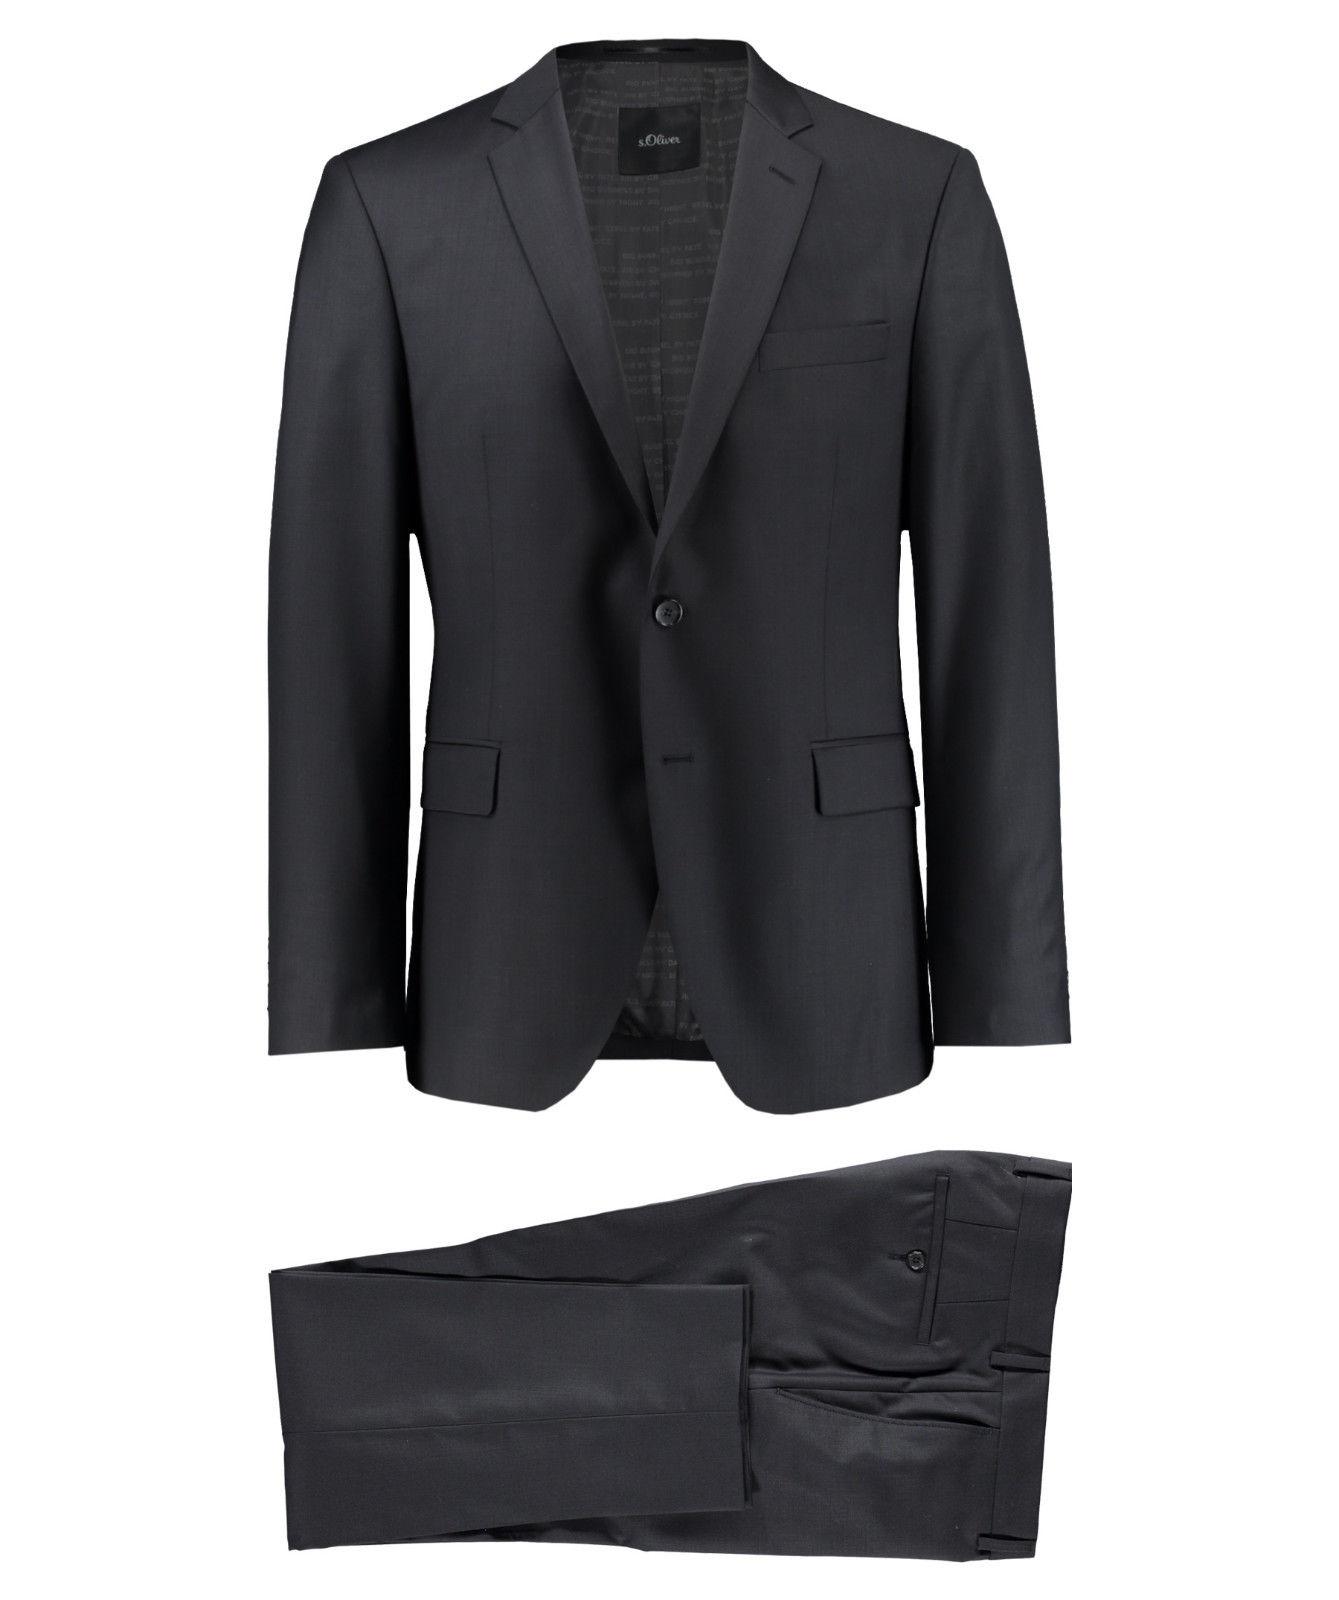 (engelhorn via ebay wow) s.Oliver Herren Anzug Regular Fit Schwarz Größen 25-27 / 44-56 / 90-106 NEU